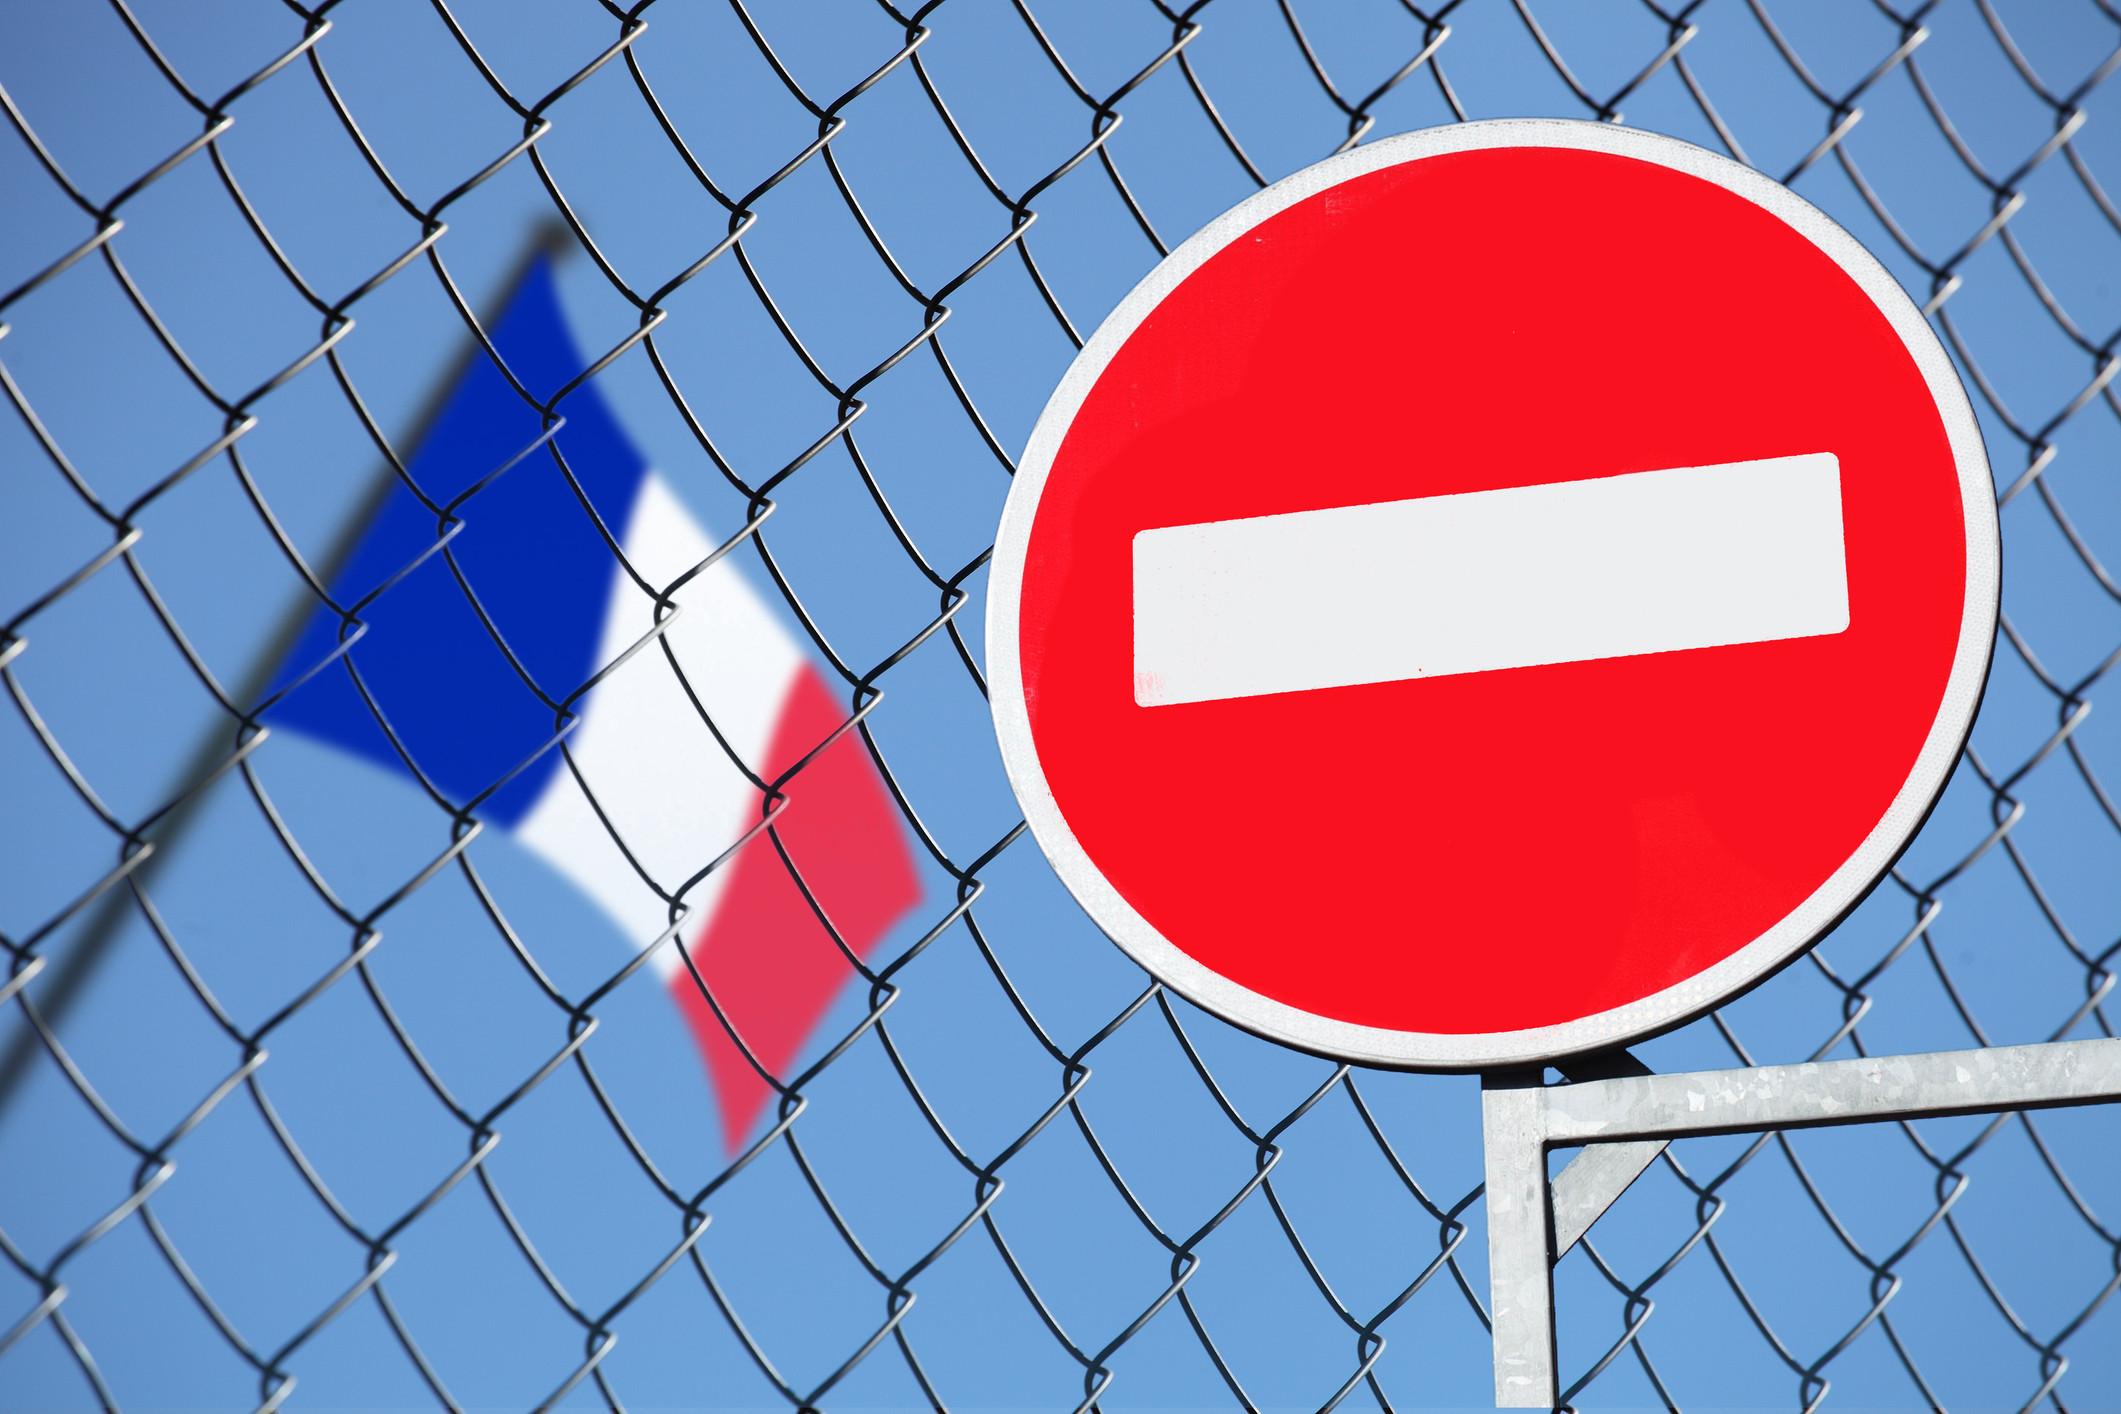 Franceses indignados com isenção fiscal dada por Portugal a reformados